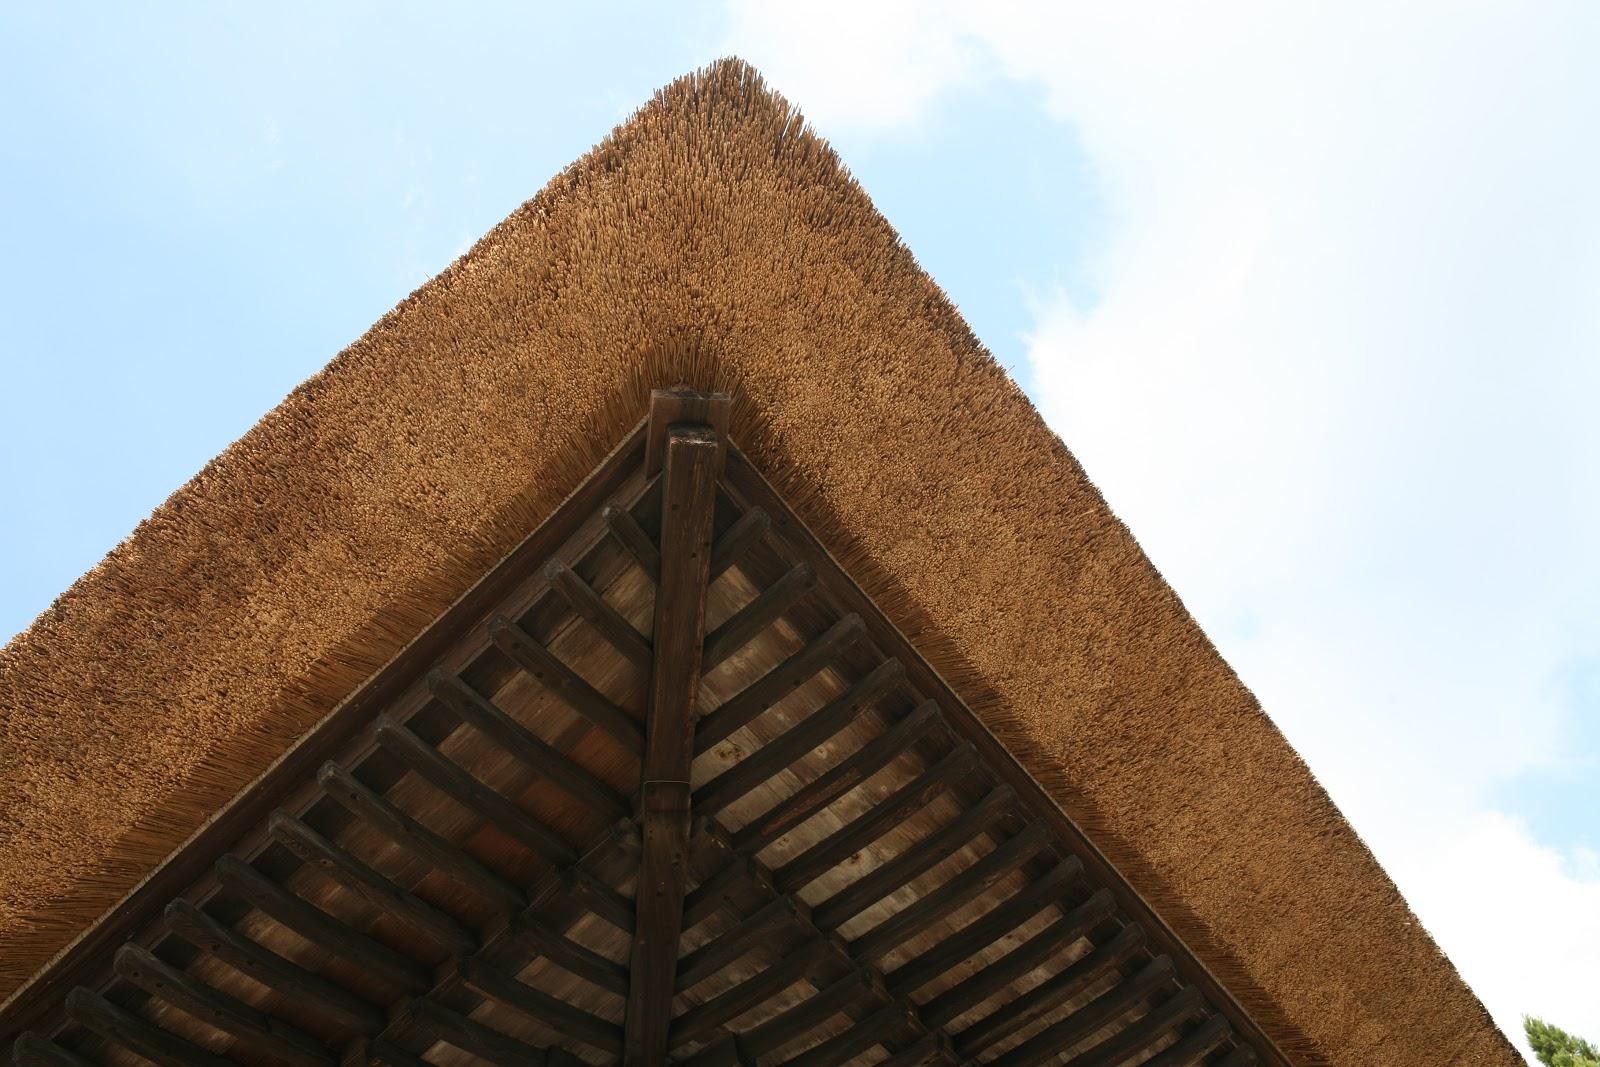 アップにされた茅葺屋根